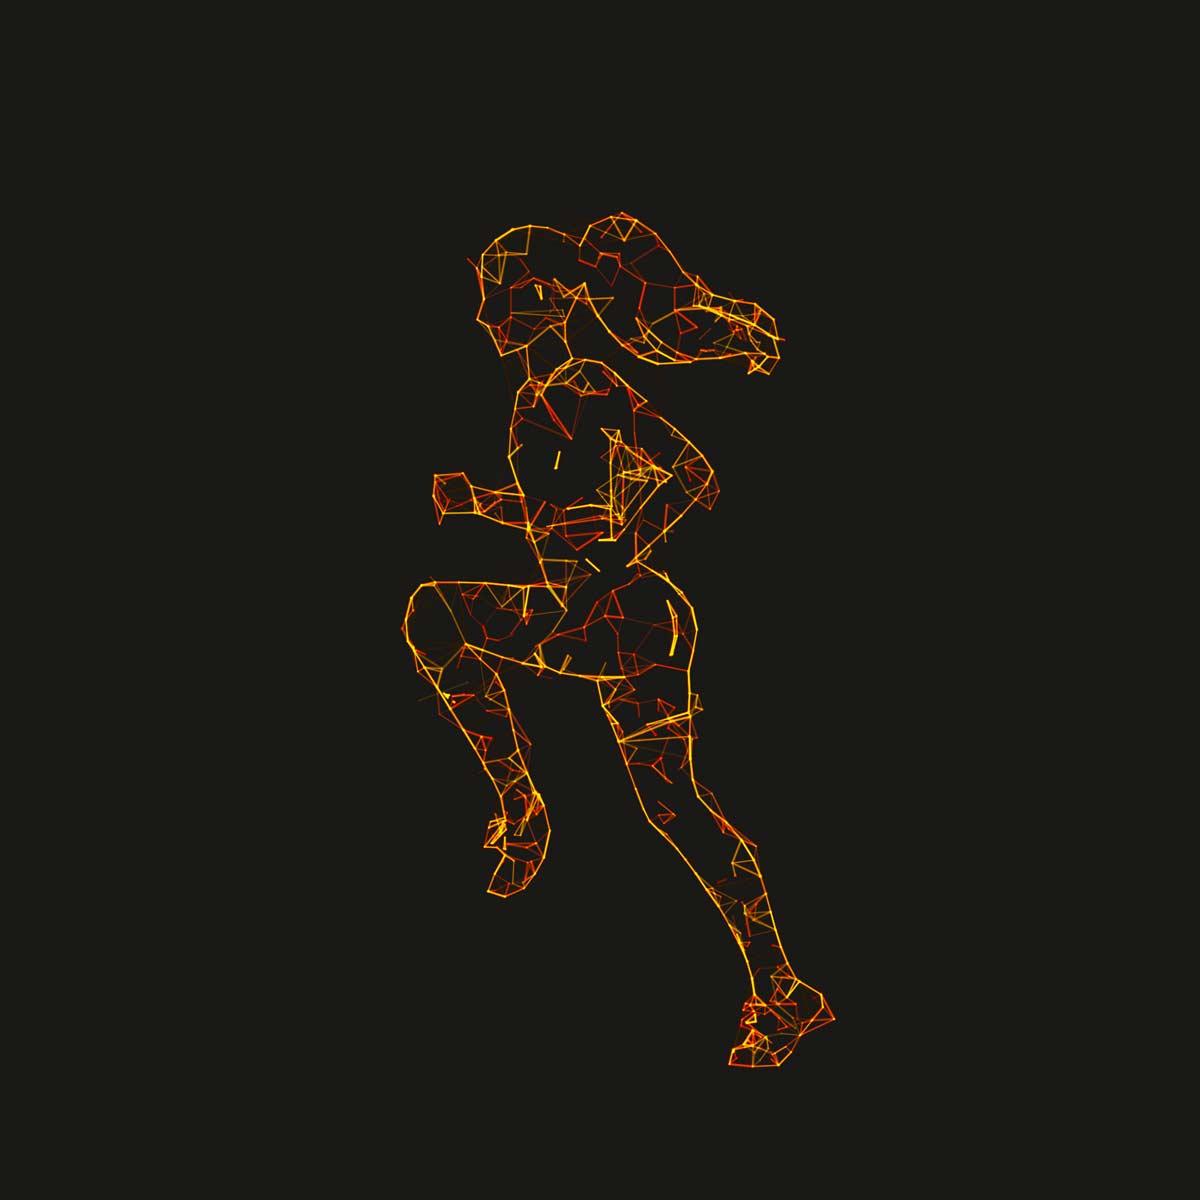 Plexus 3D sport runner rendered with Plexus Maker plugin for Adobe Photoshop